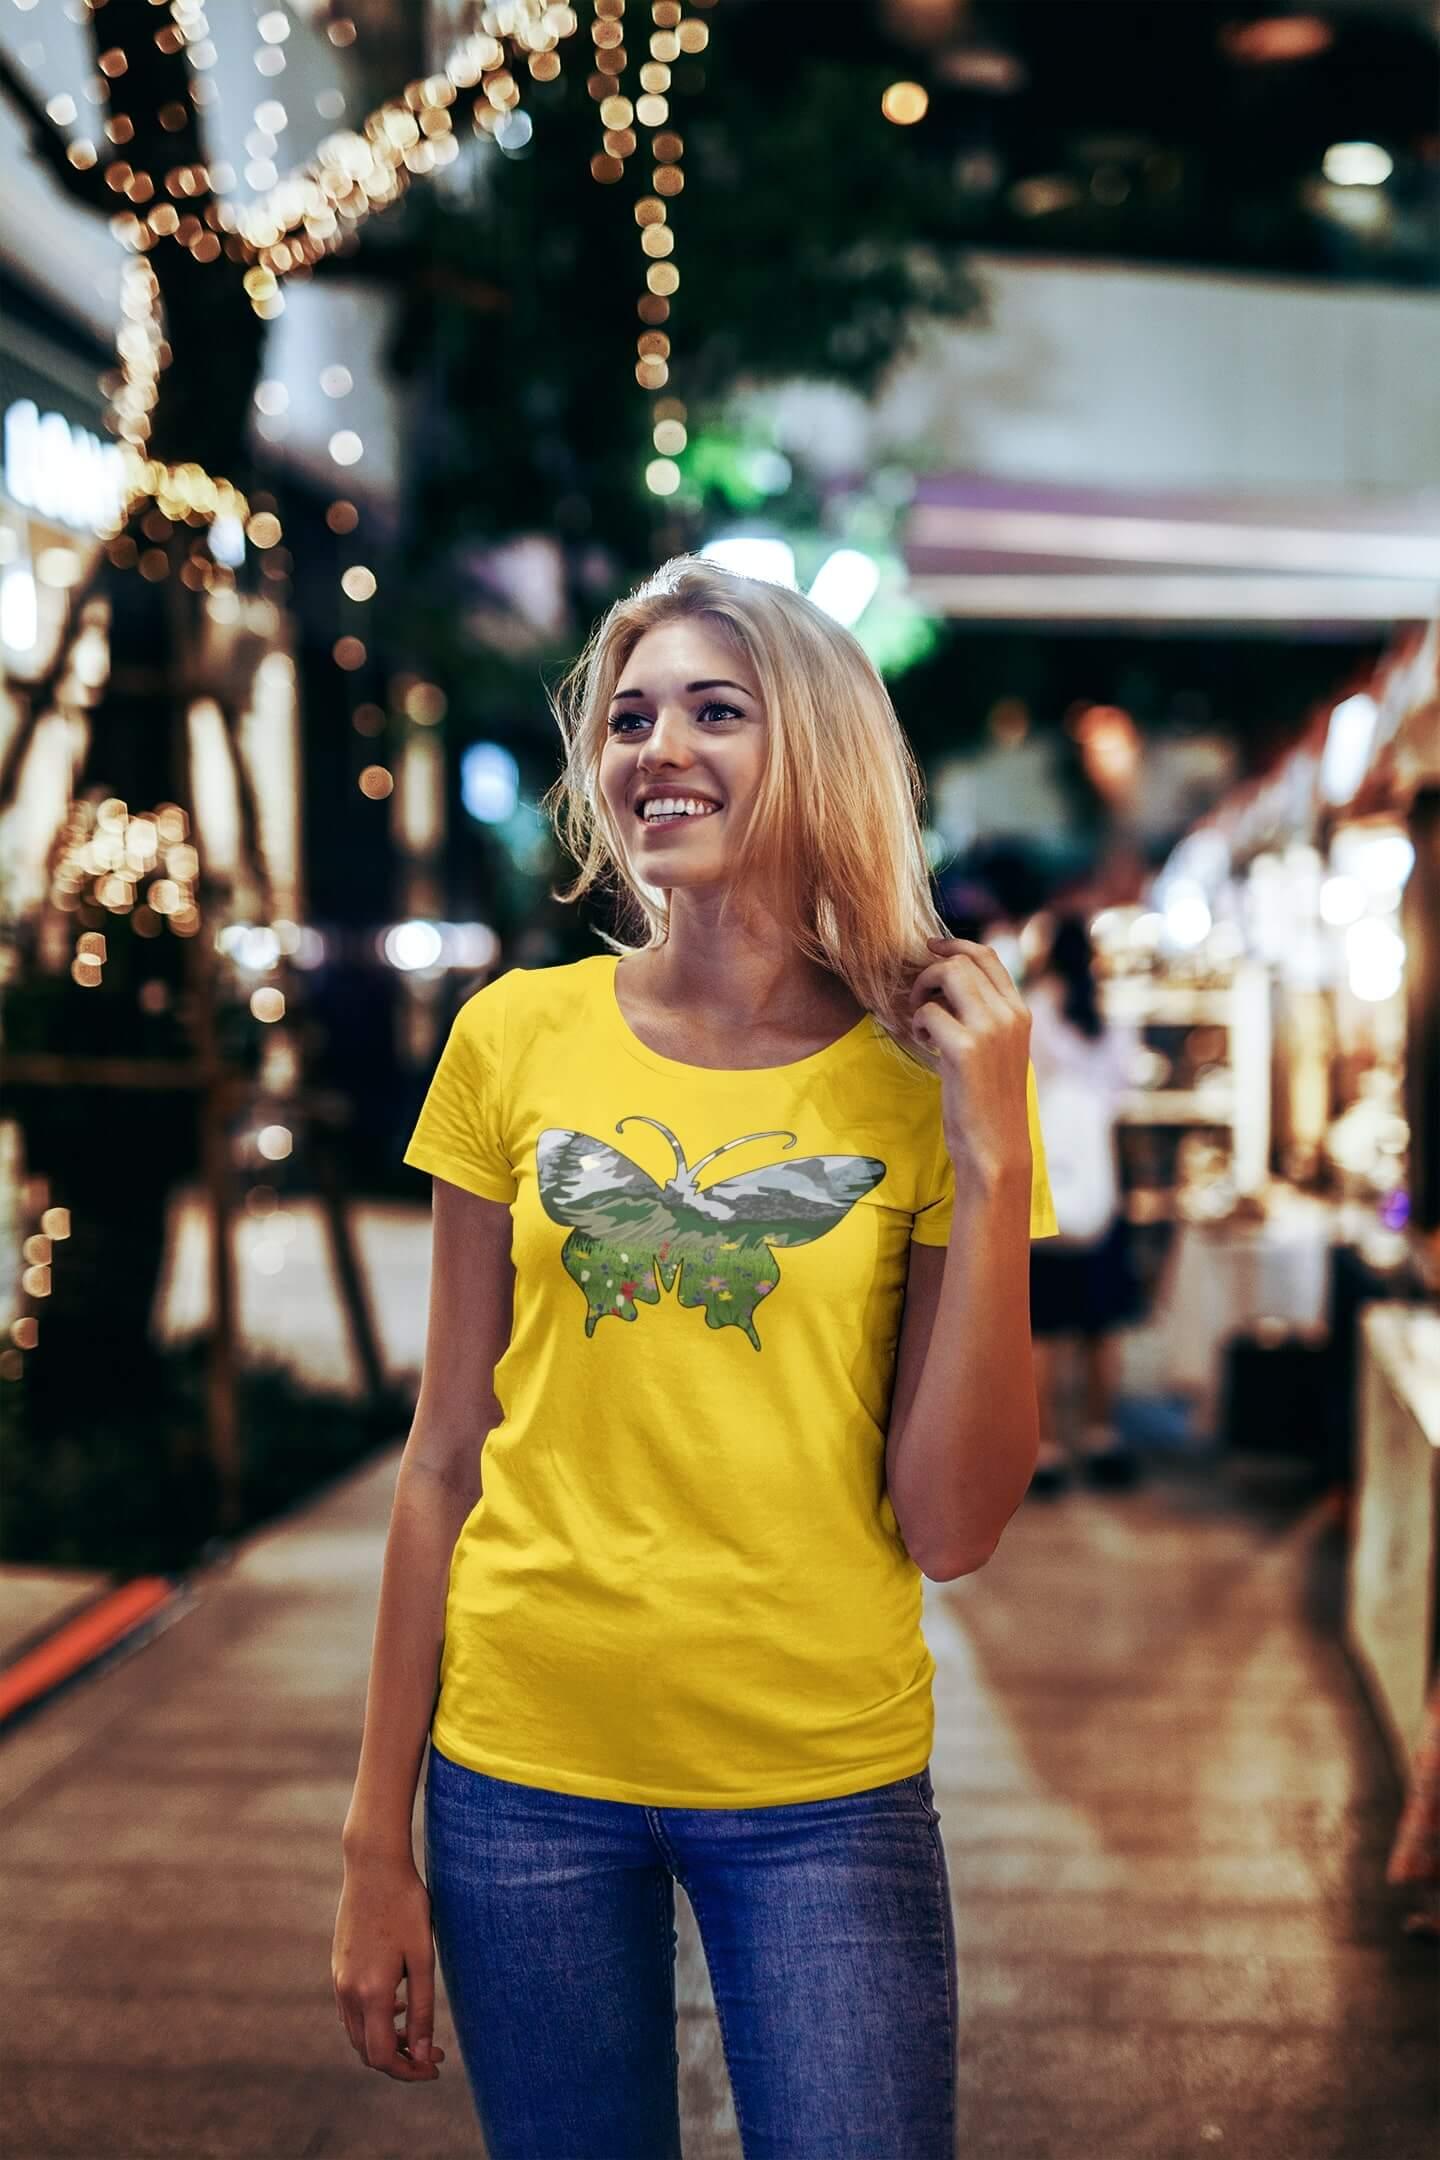 MMO Dámske tričko Motýľ Vyberte farbu: Žltá, Vyberte veľkosť: S